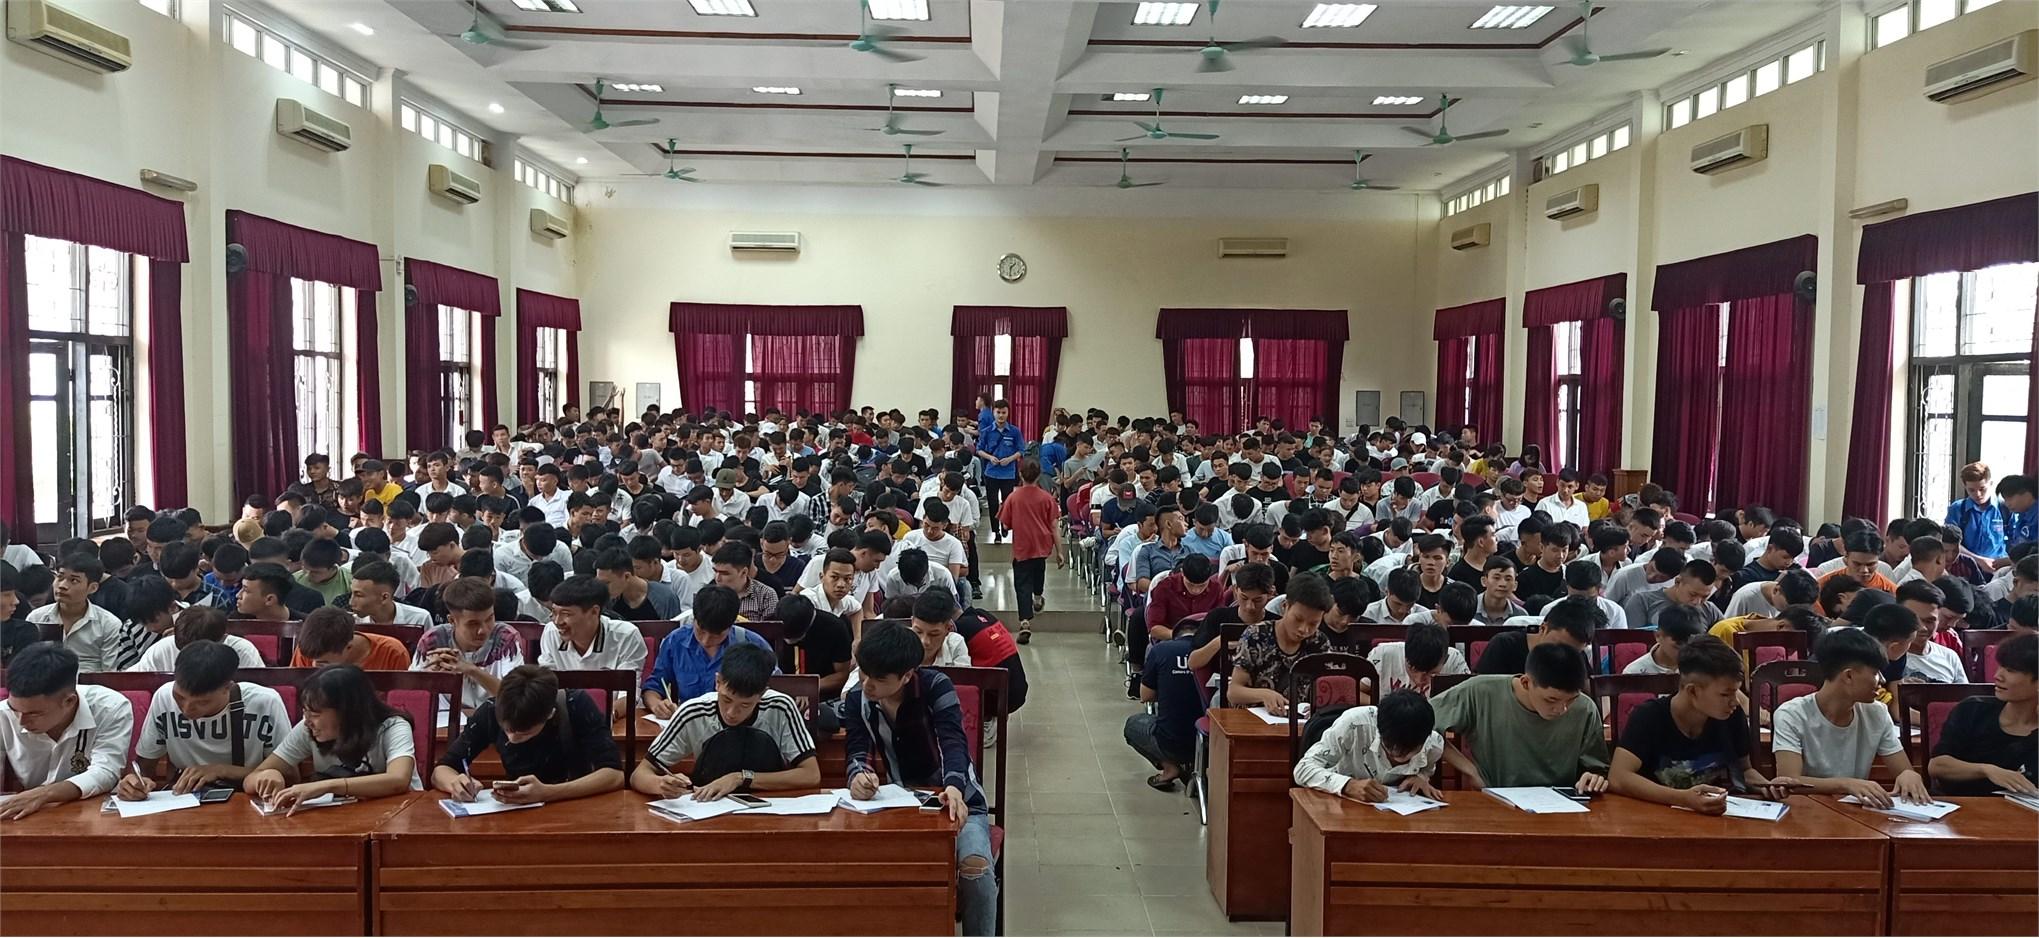 Sinh viên K21 Trung tâm Việt - Nhật tham gia tuần sinh hoạt chính trị đầu khóa